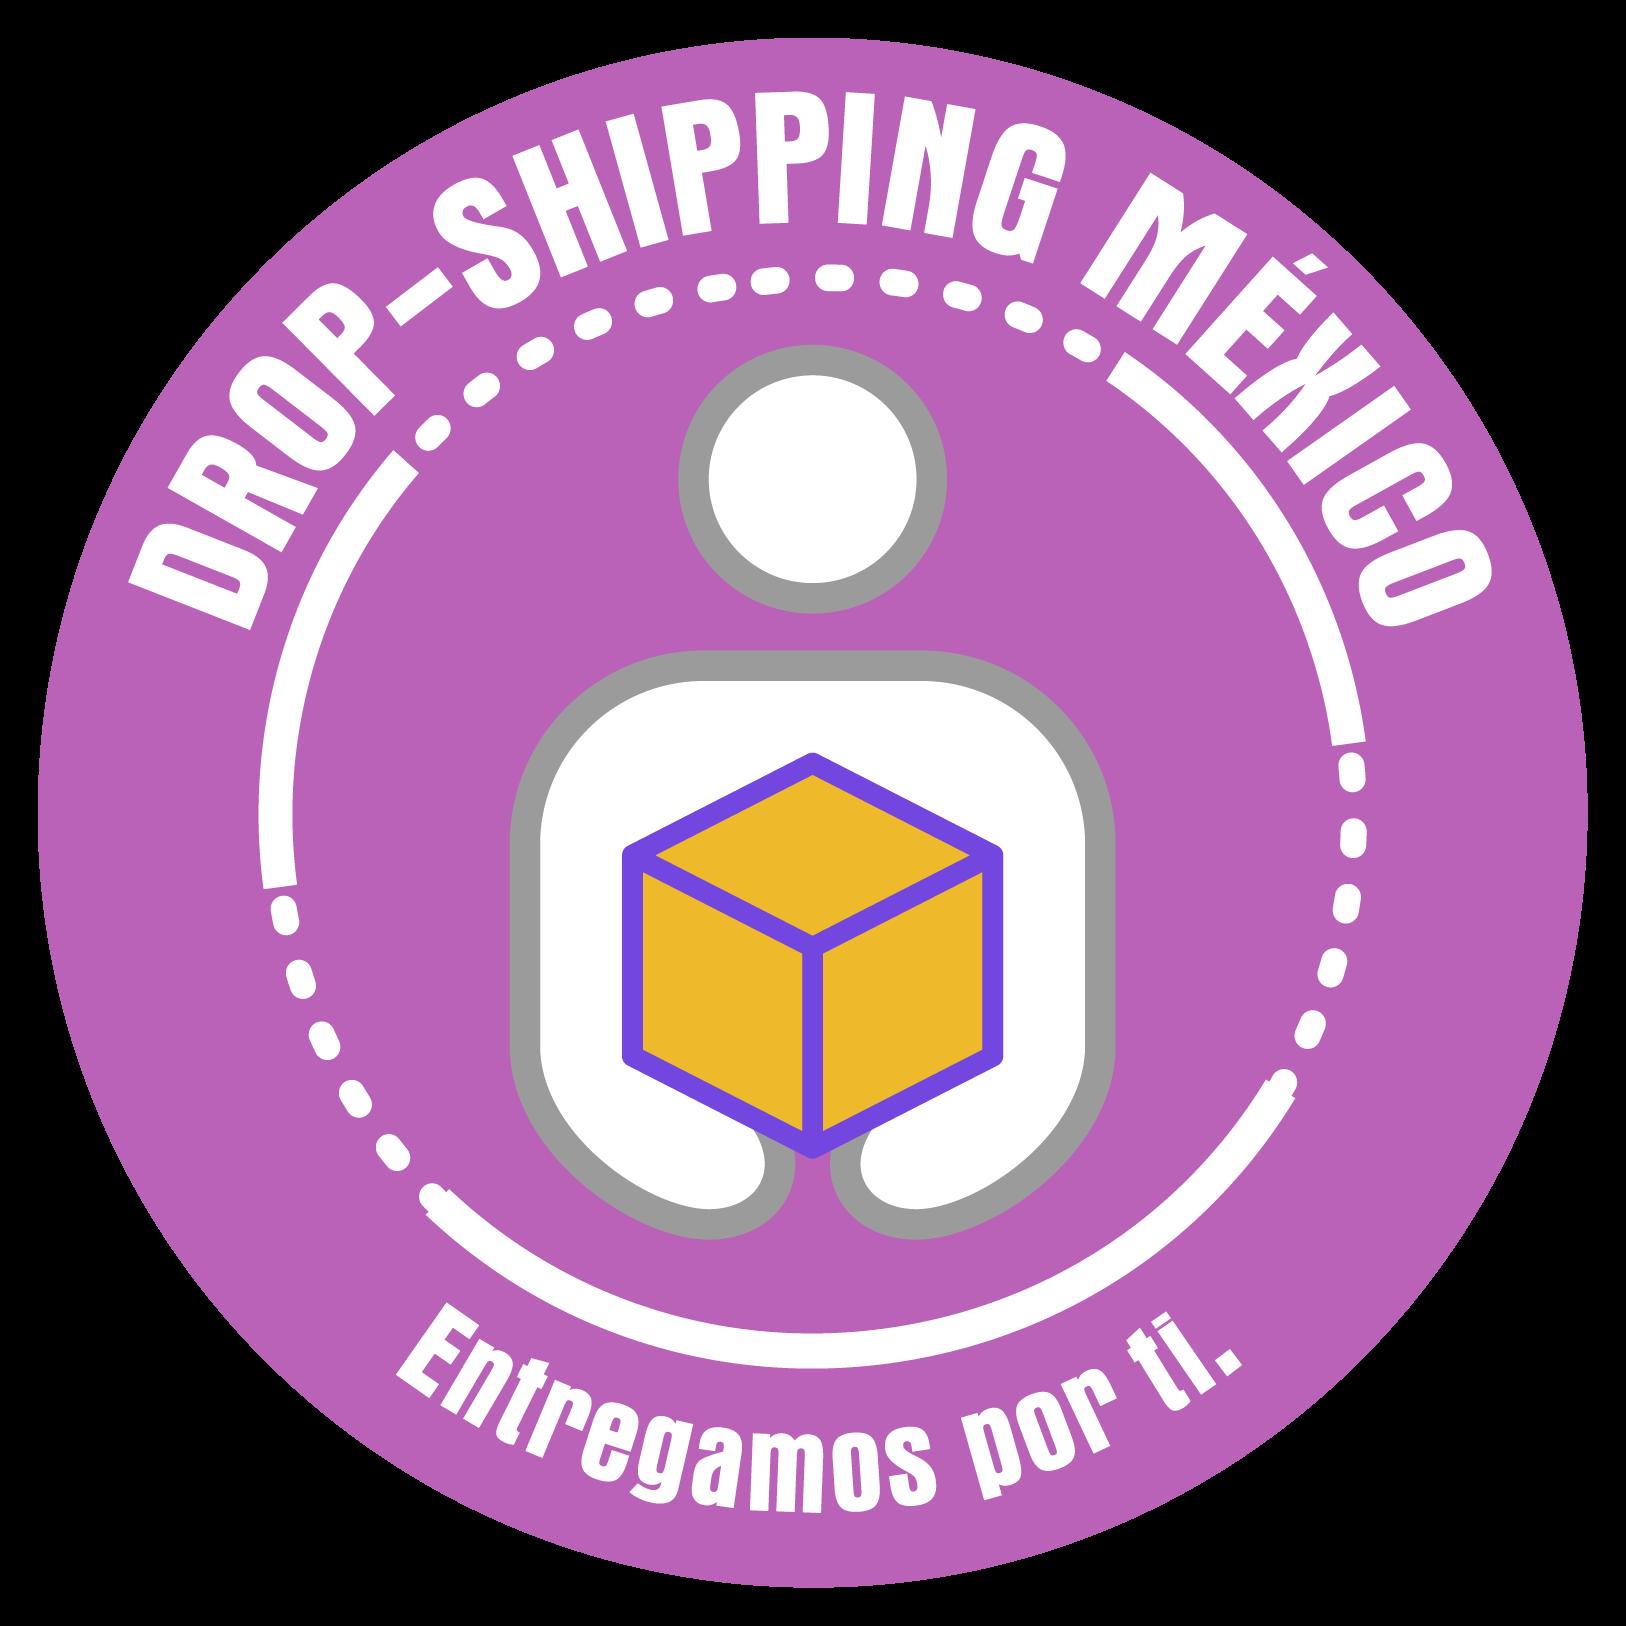 Drop-Shipping Mexico LOGO ROSA.png